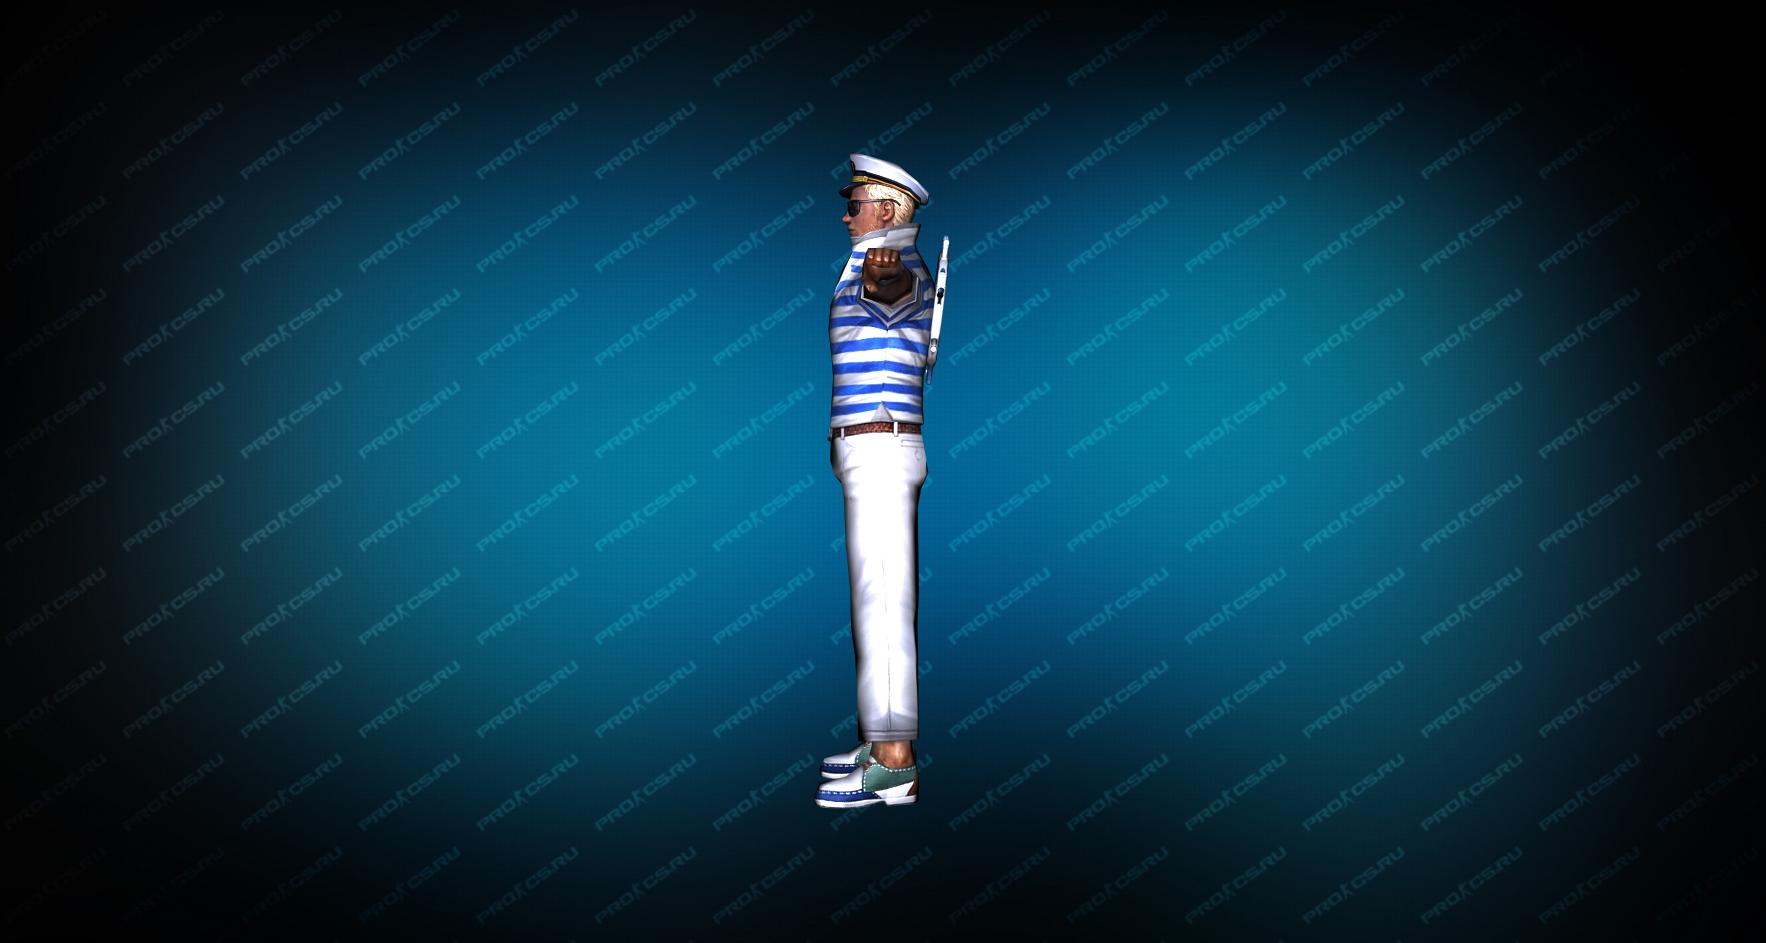 Модель игрока «Капитан Энзо» вид сбоку